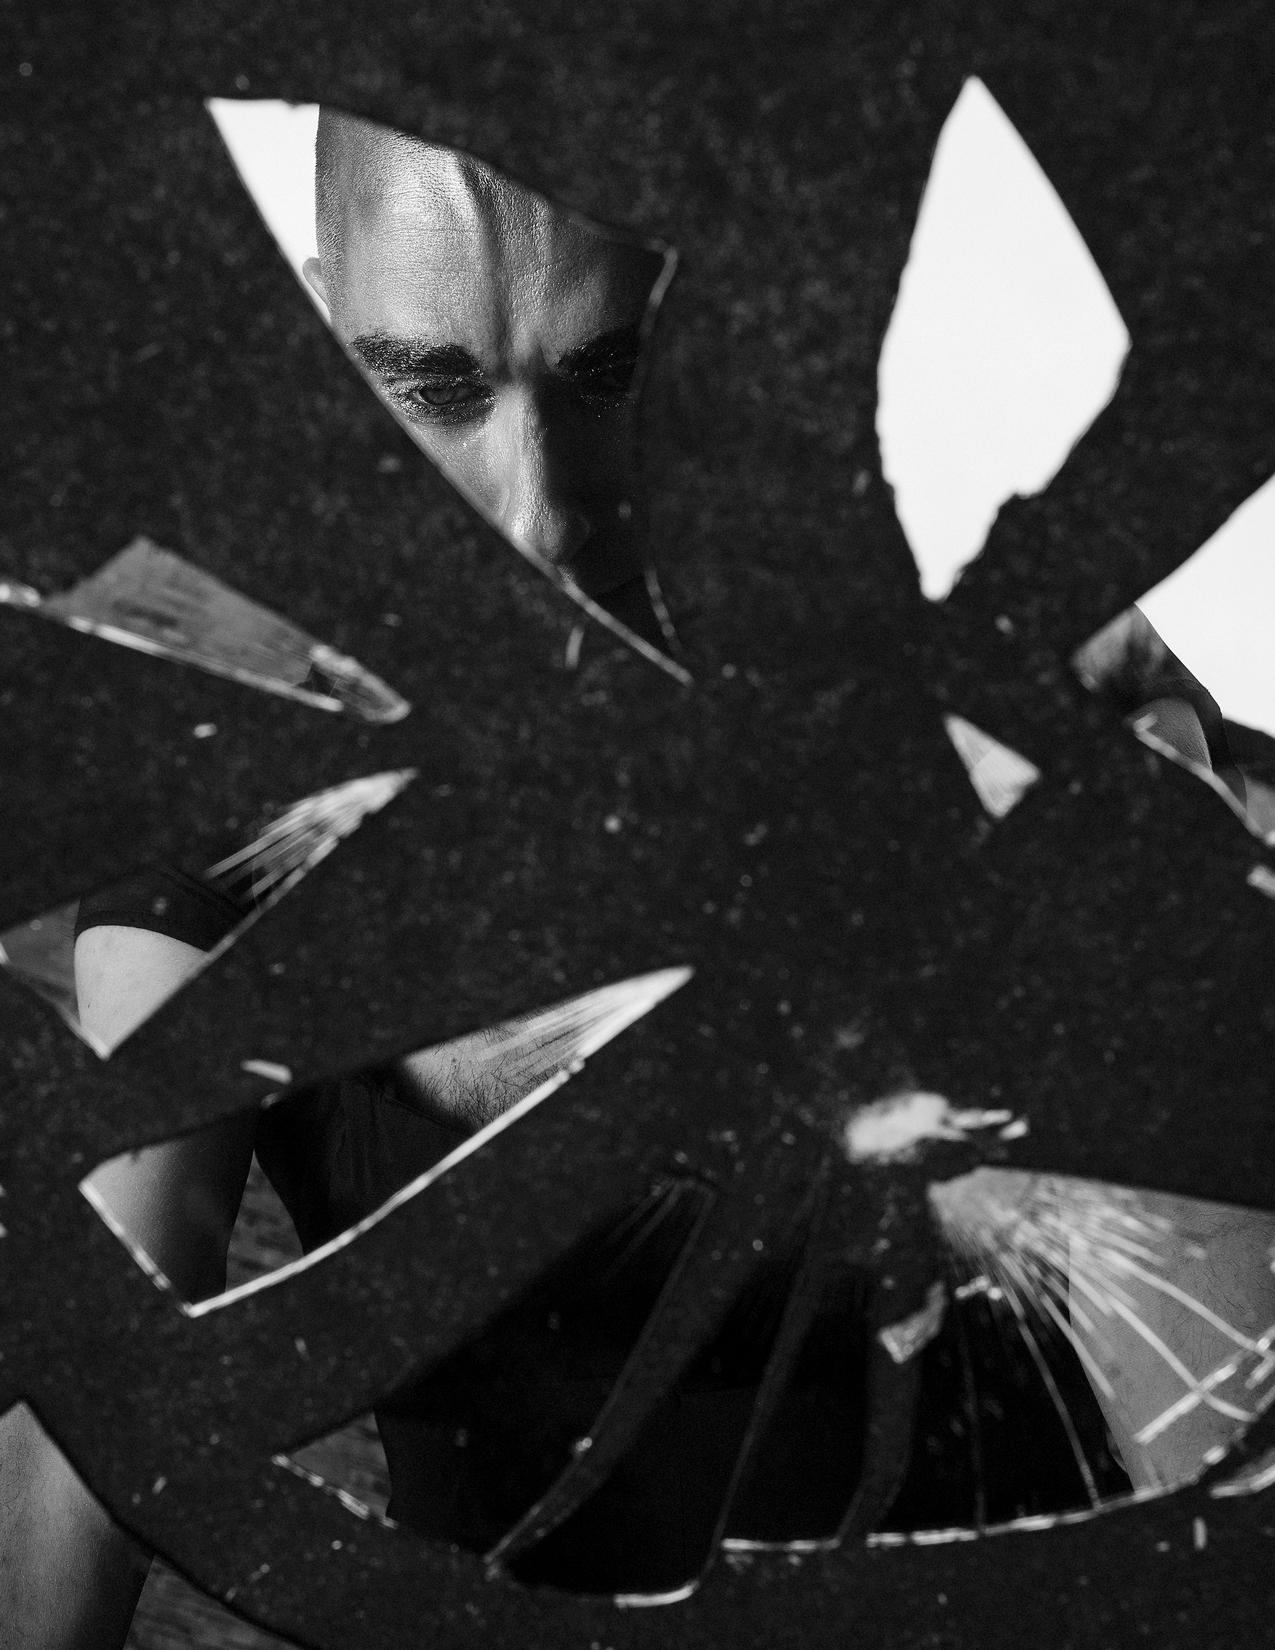 ian-fragments-by-ransom-ashley-.jpg